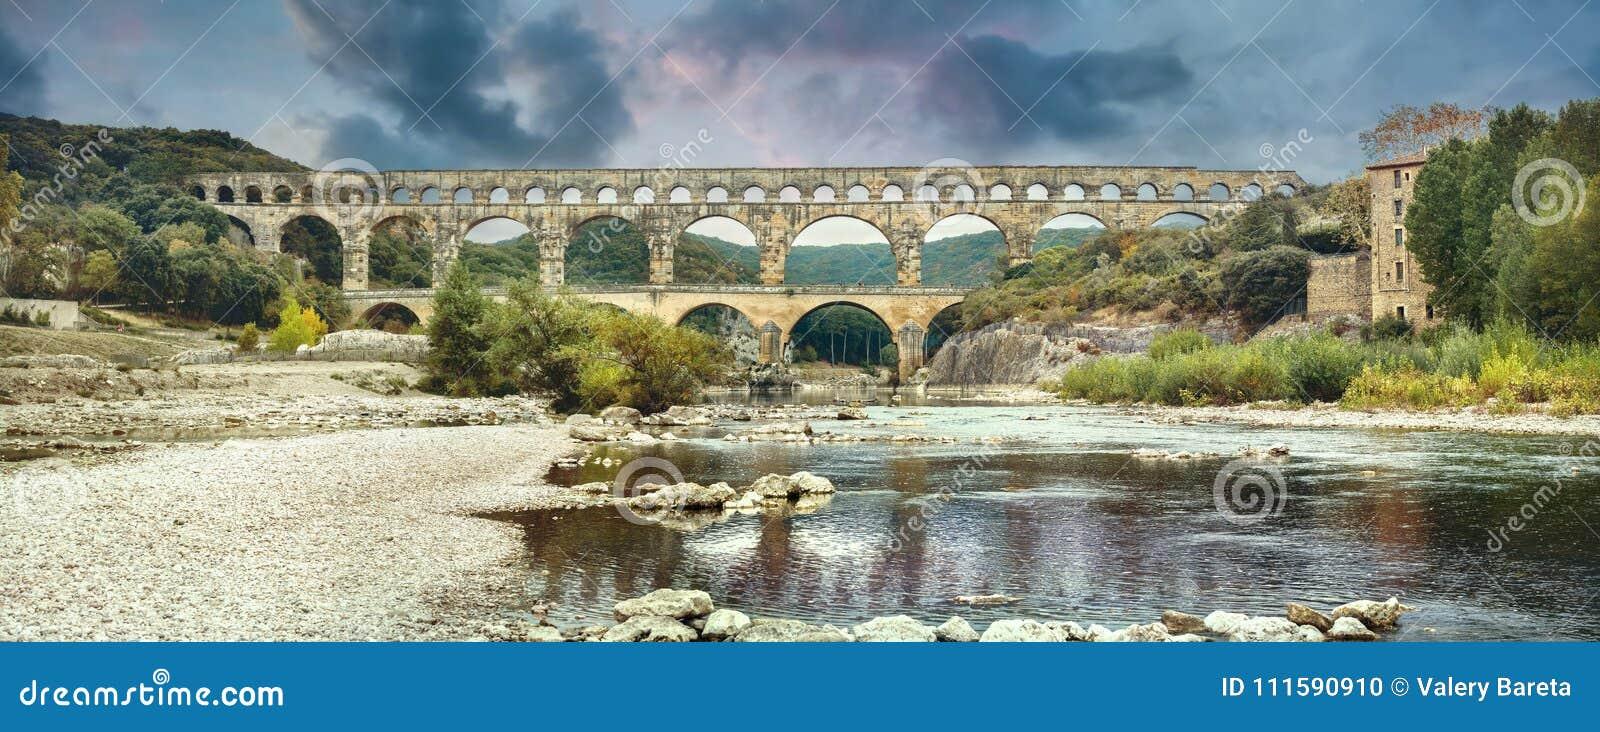 Старый мост-водовод Pont du Гара римский Франция, Провансаль